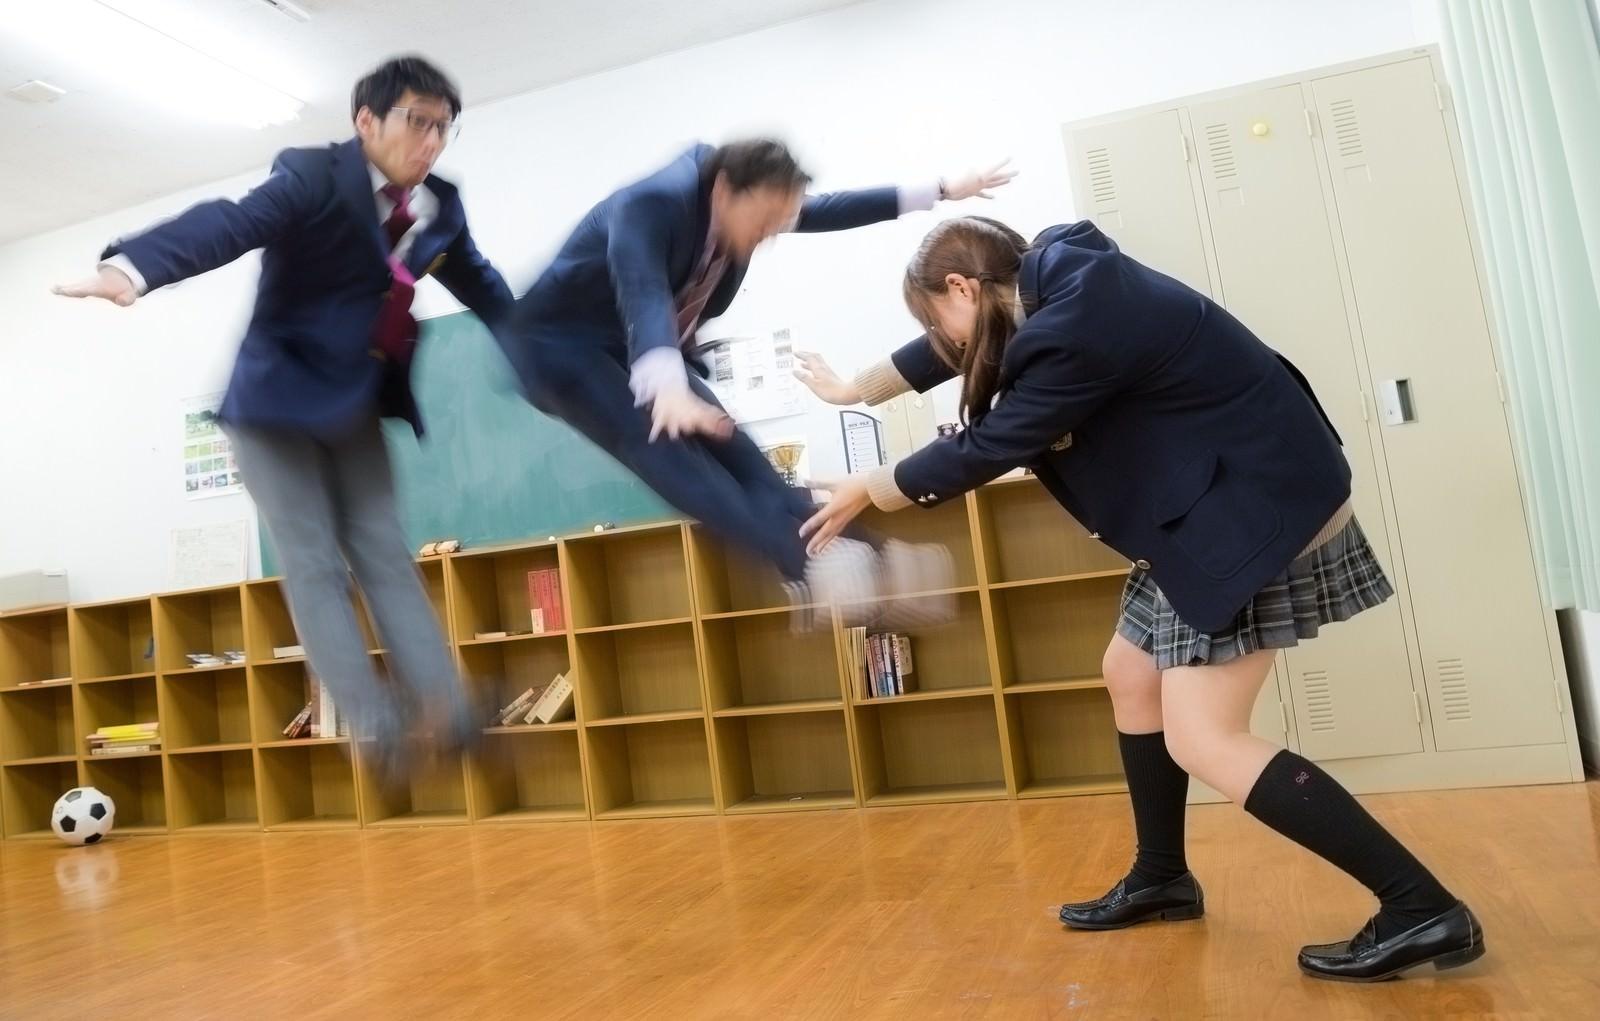 「エネルギー波を繰り出す女子高生」の写真[モデル:大川竜弥 河村友歌 Max_Ezaki]